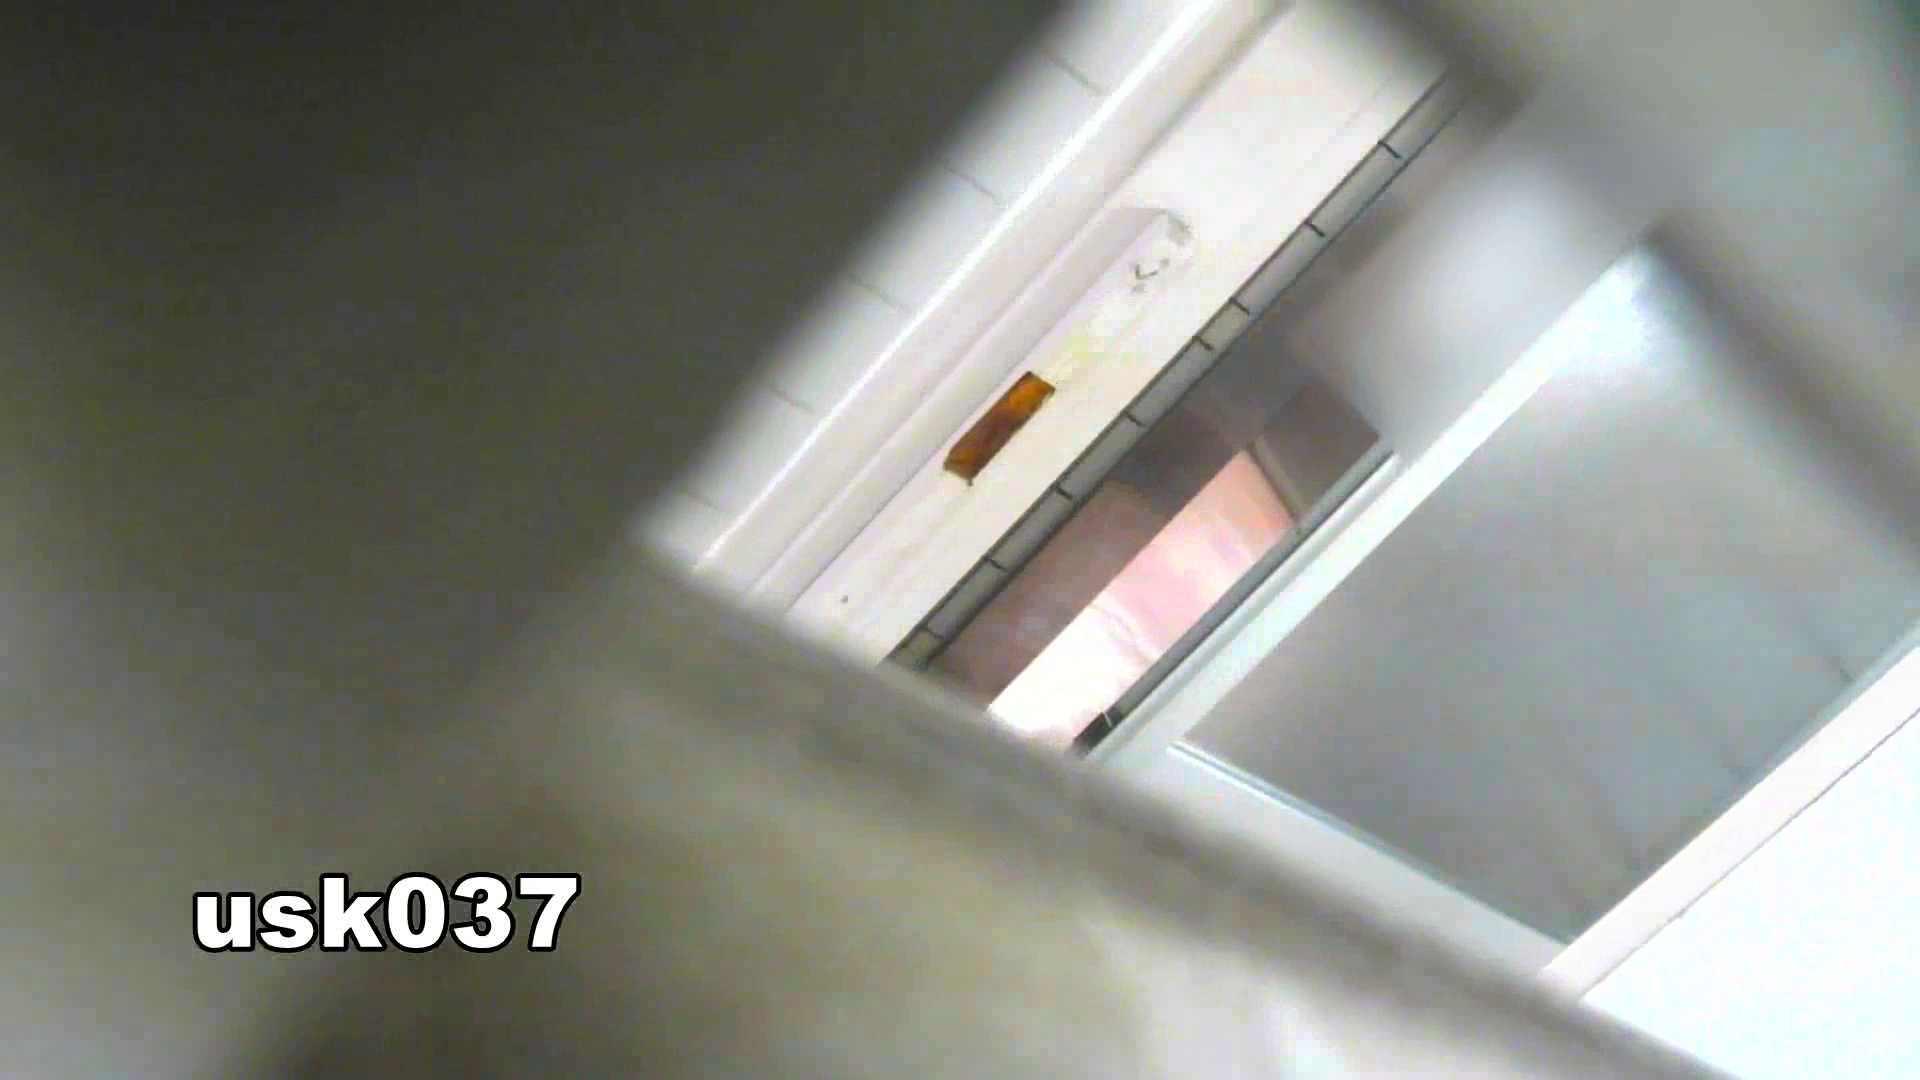 【美しき個室な世界】 vol.037 ひねり出す様子(フトイです) 高画質  99枚 36